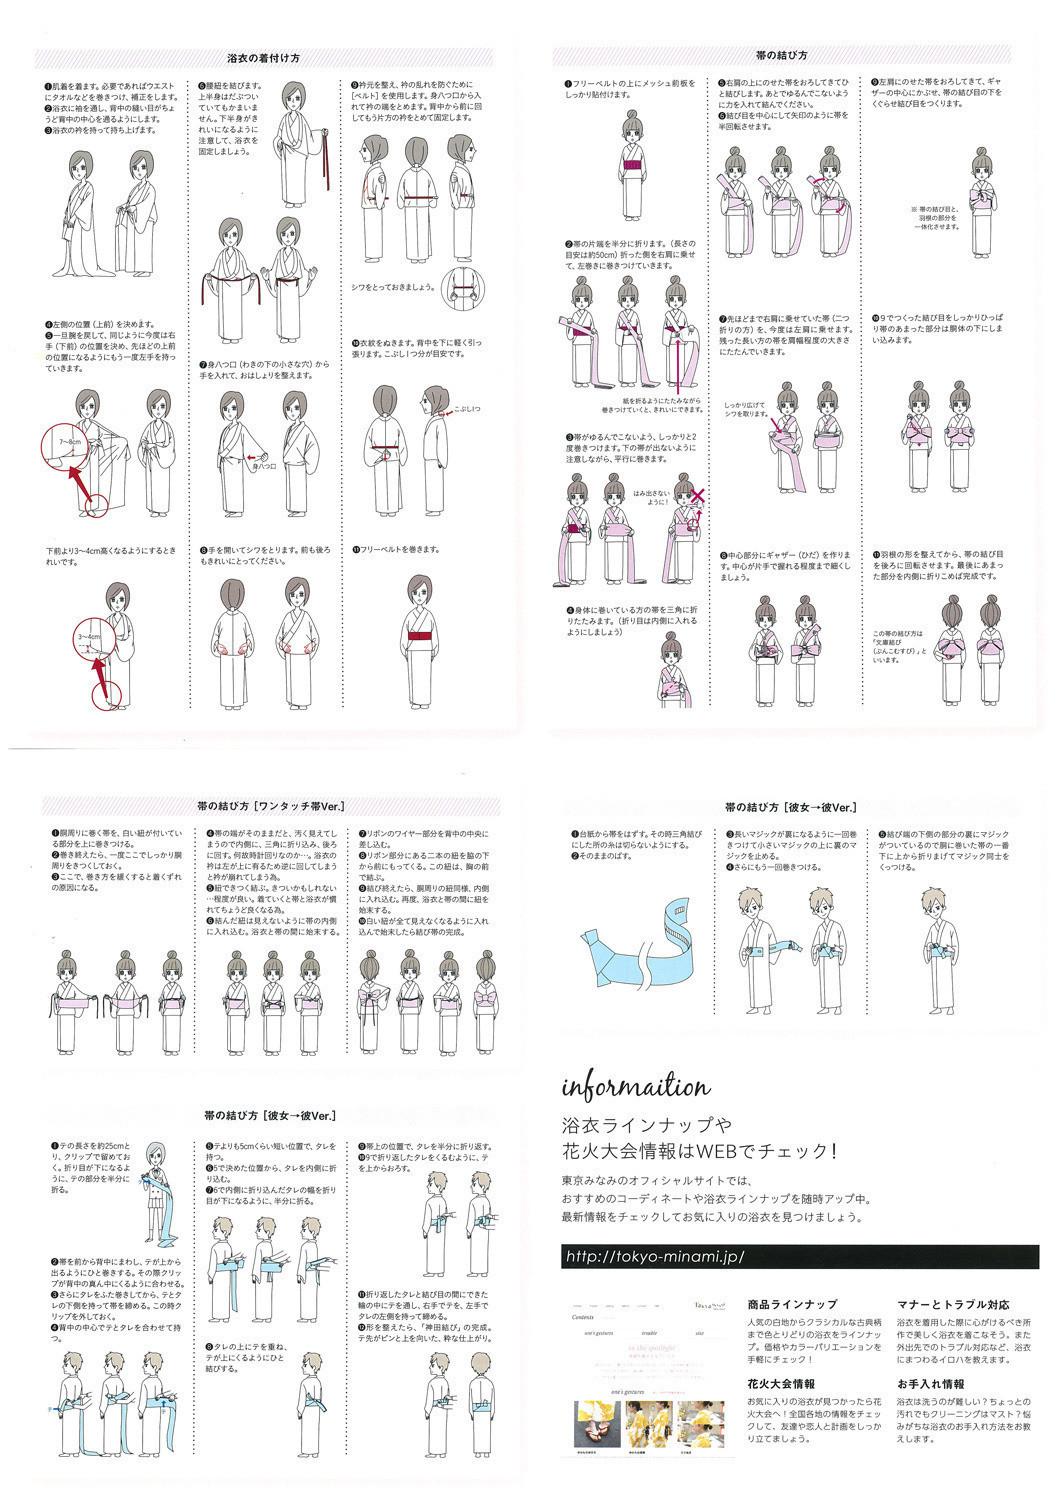 東京みなみ浴衣フェスティバル浴衣の着付け方&帯の結び方